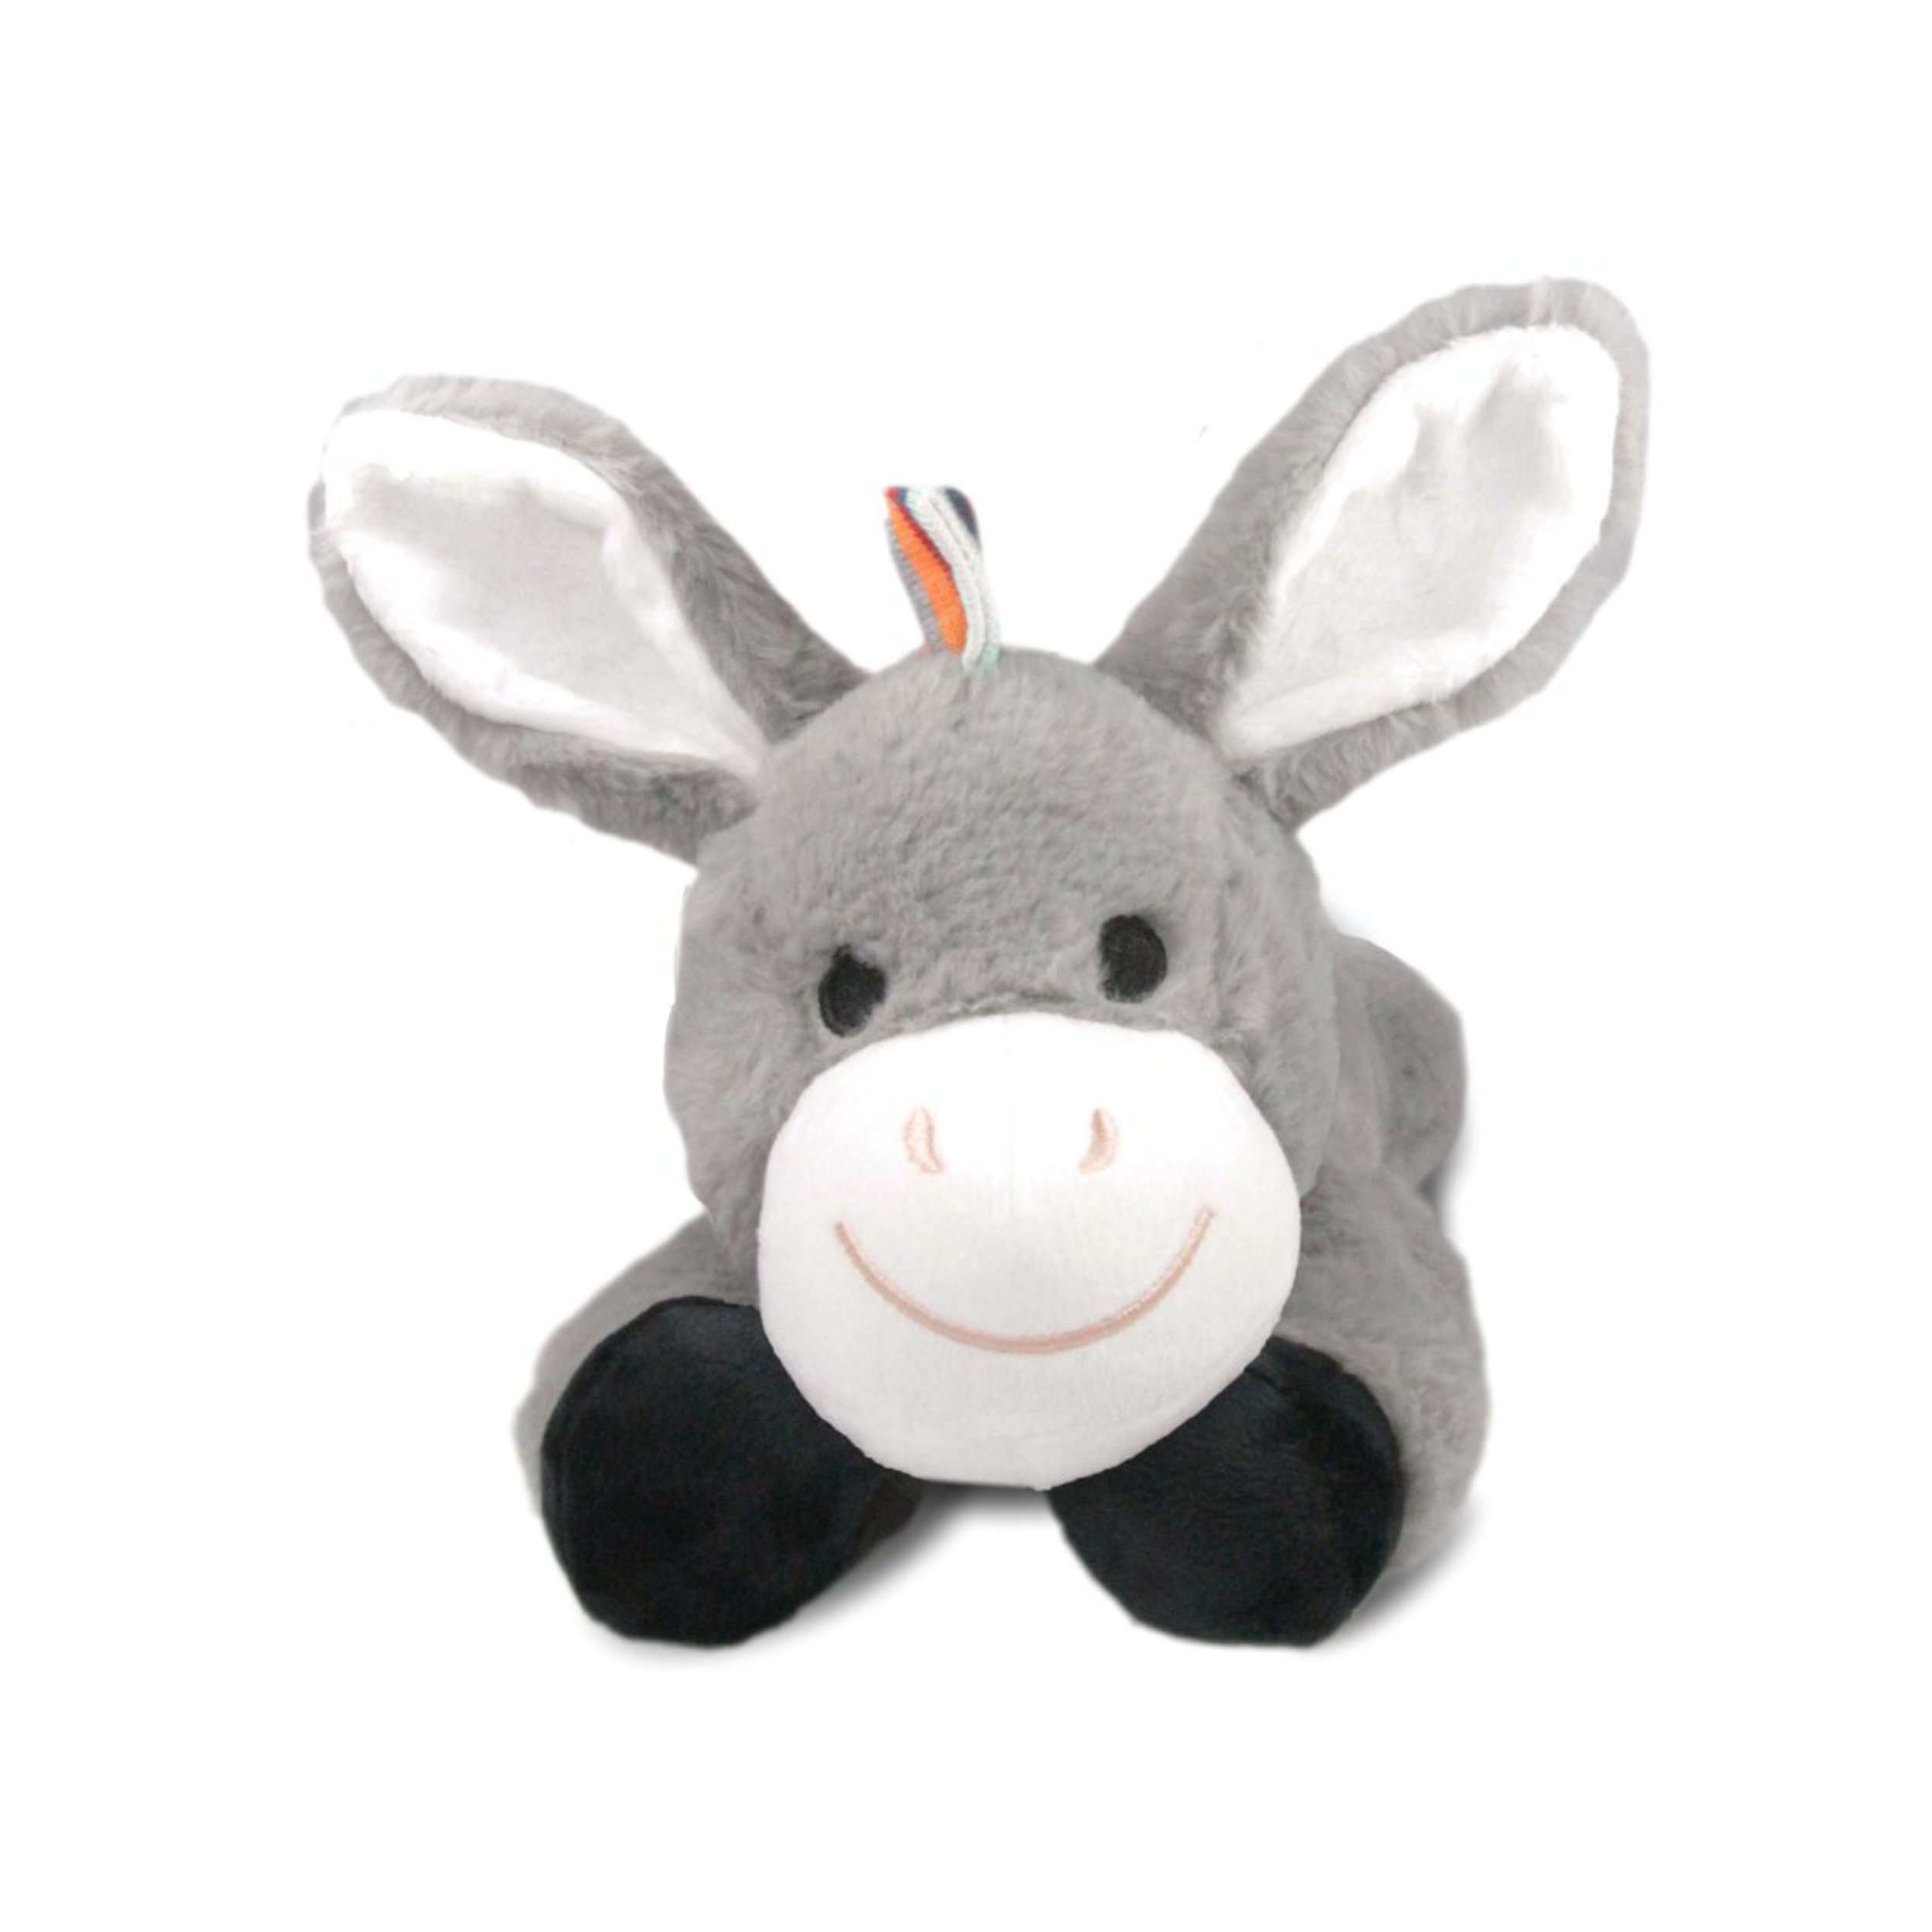 Cheap Sound Donkey, find Sound Donkey deals on line at